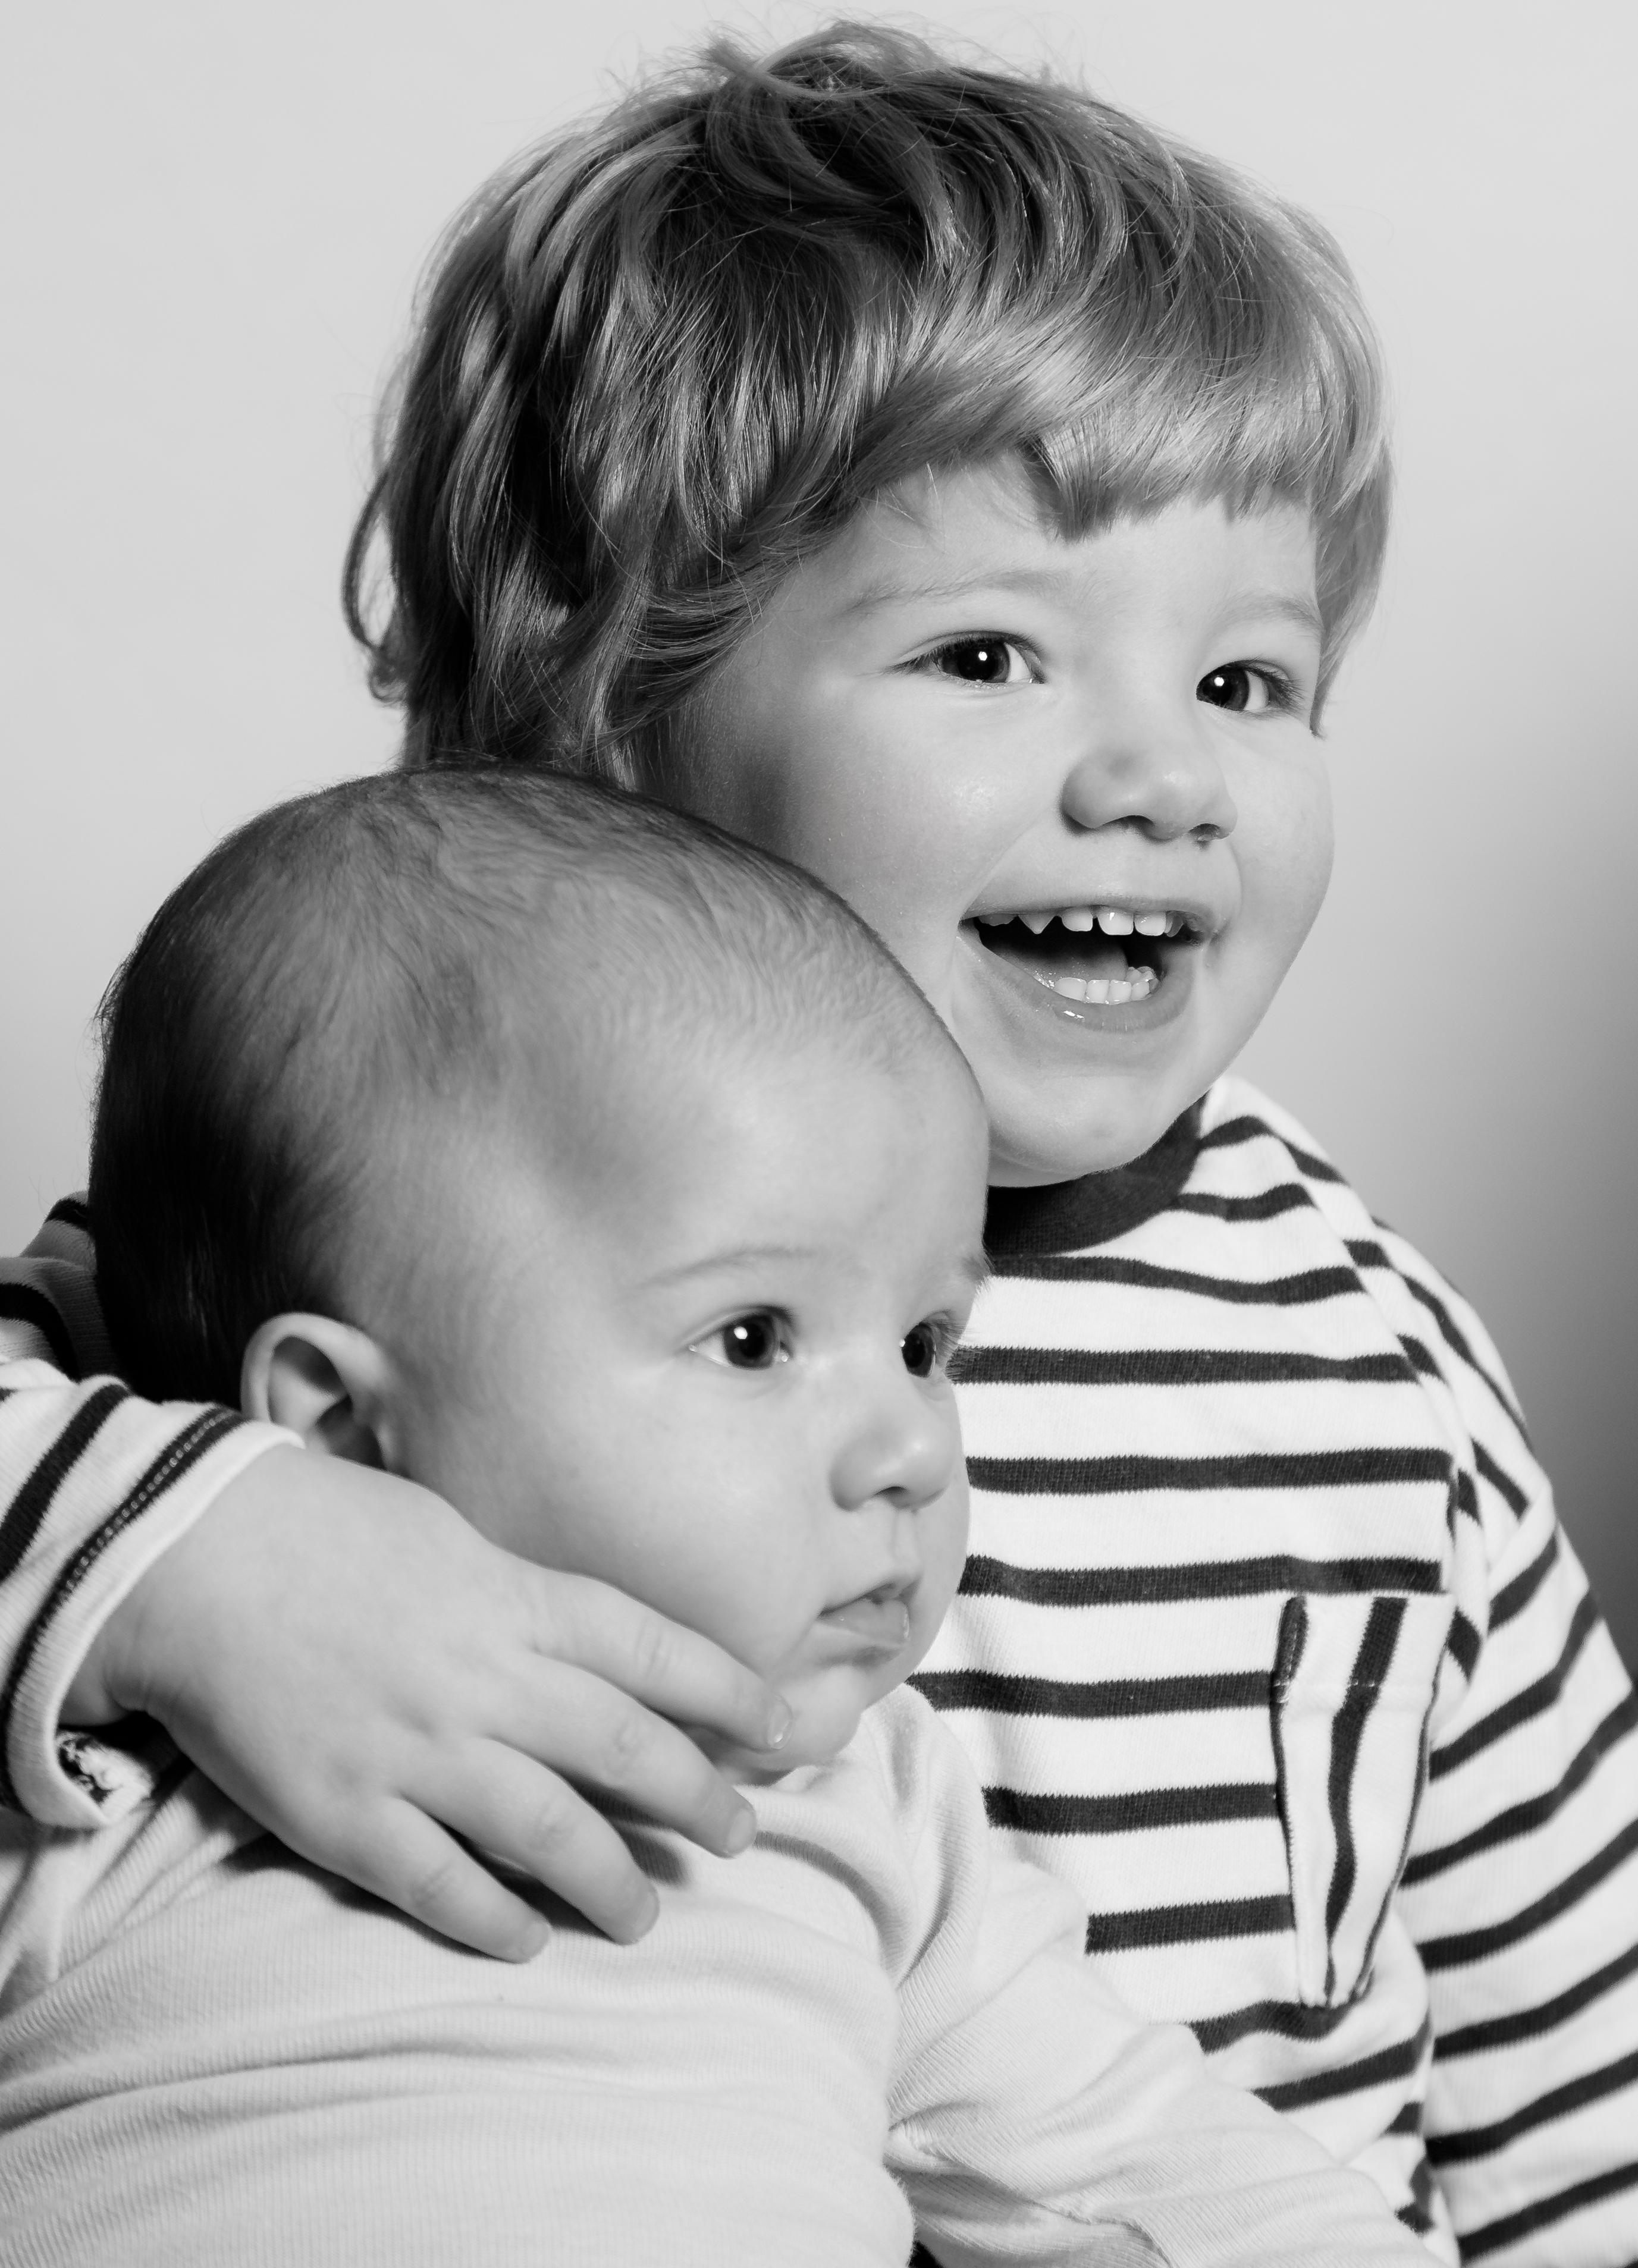 Geschwister Portrait